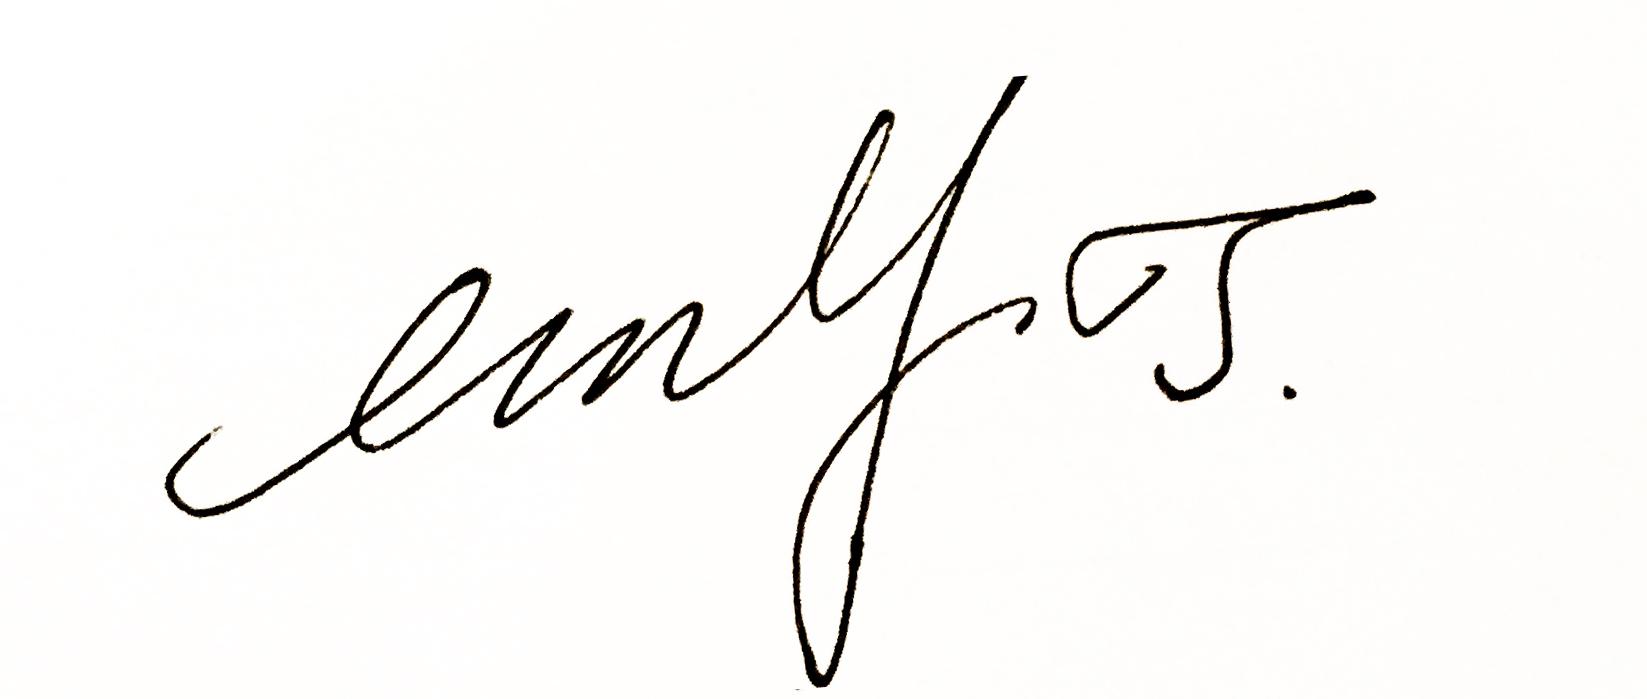 Emma .y. Jiang Signature